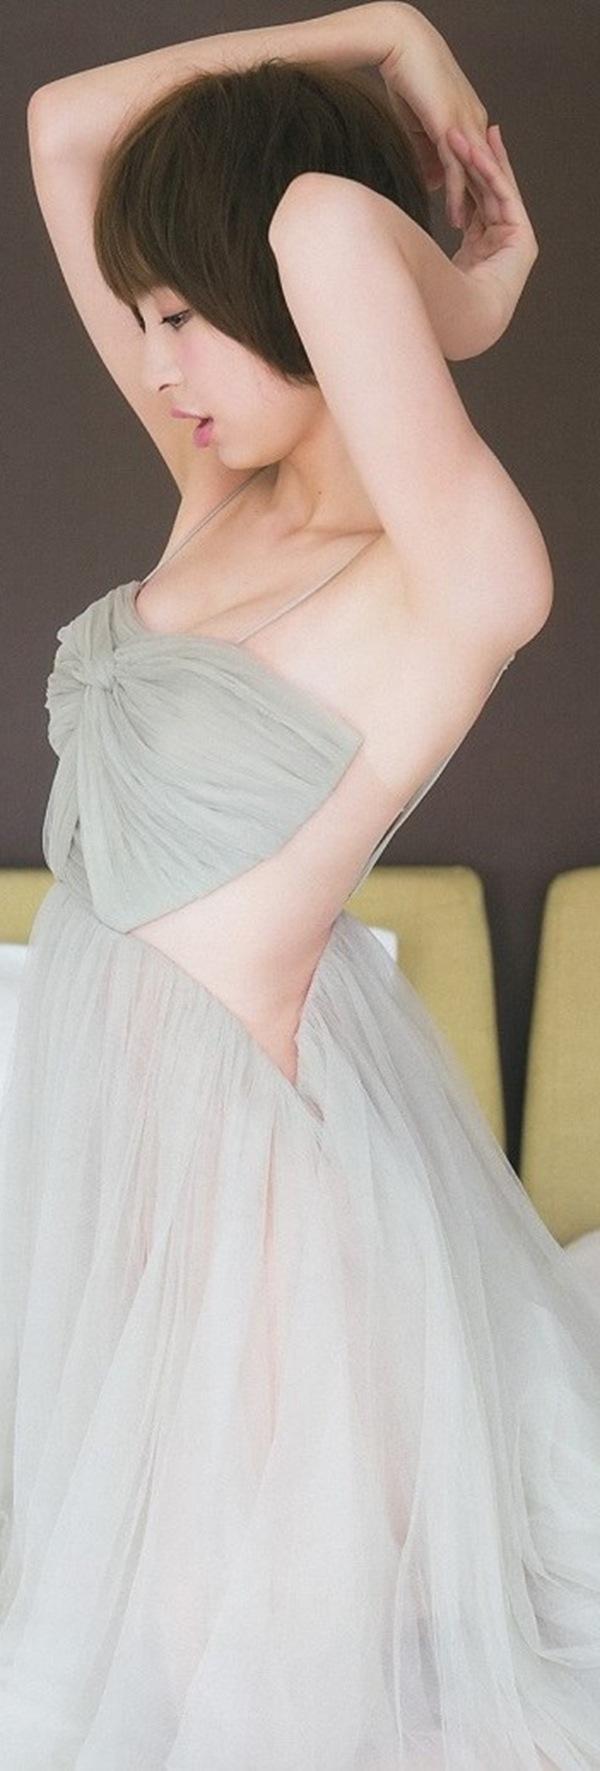 【篠田麻里子】